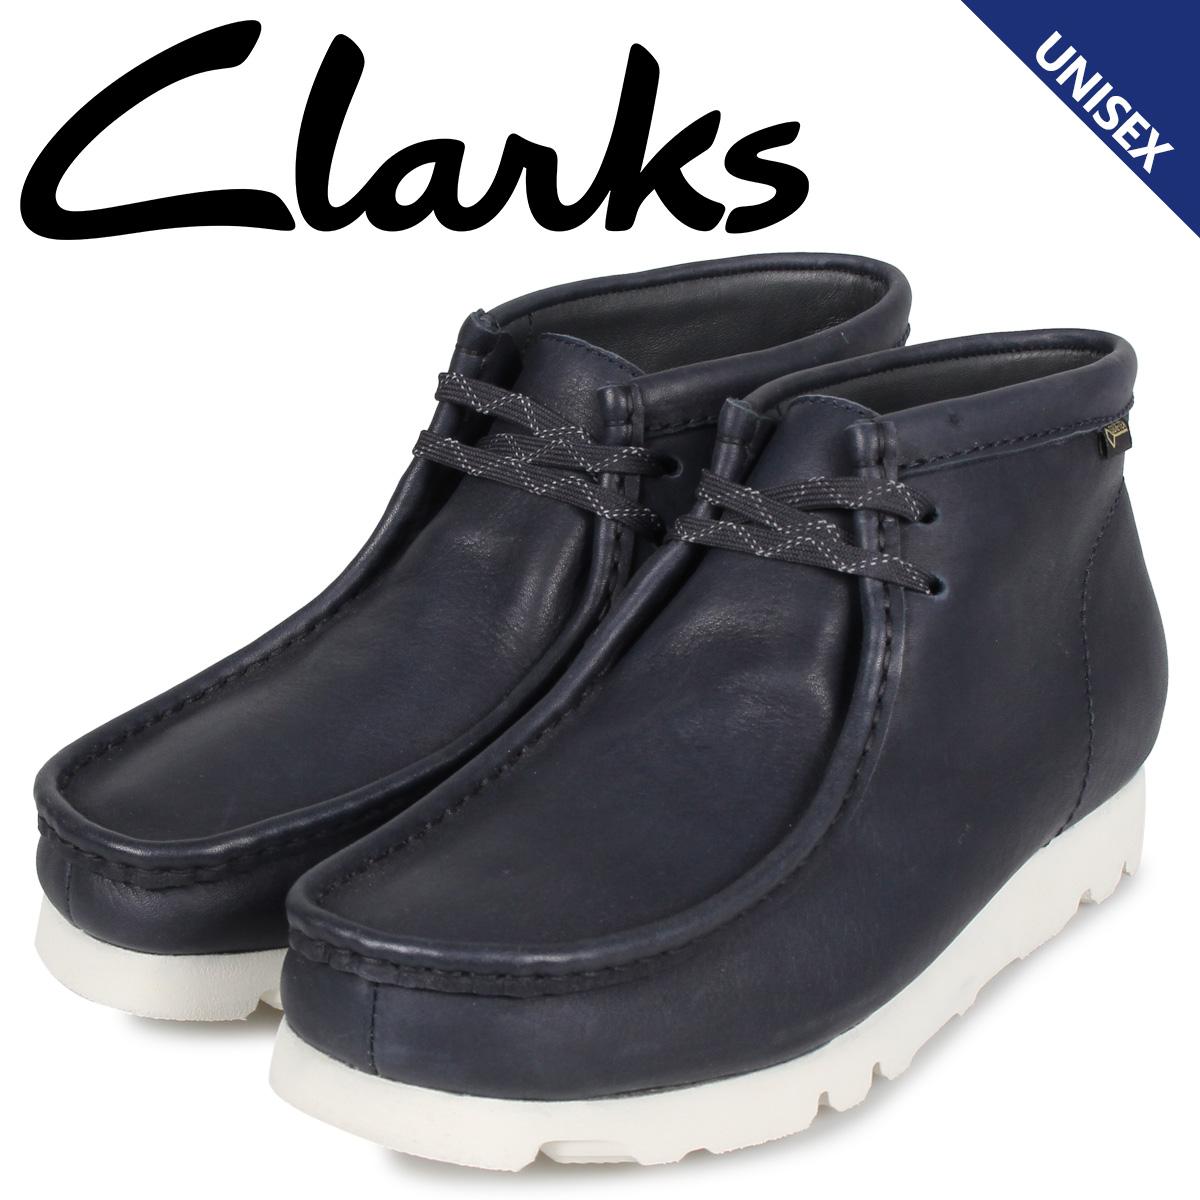 クラークス Clarks ワラビー ブーツ メンズ レディース WALLABEE GTX レザー ゴアテックス ブラック 黒 26144519